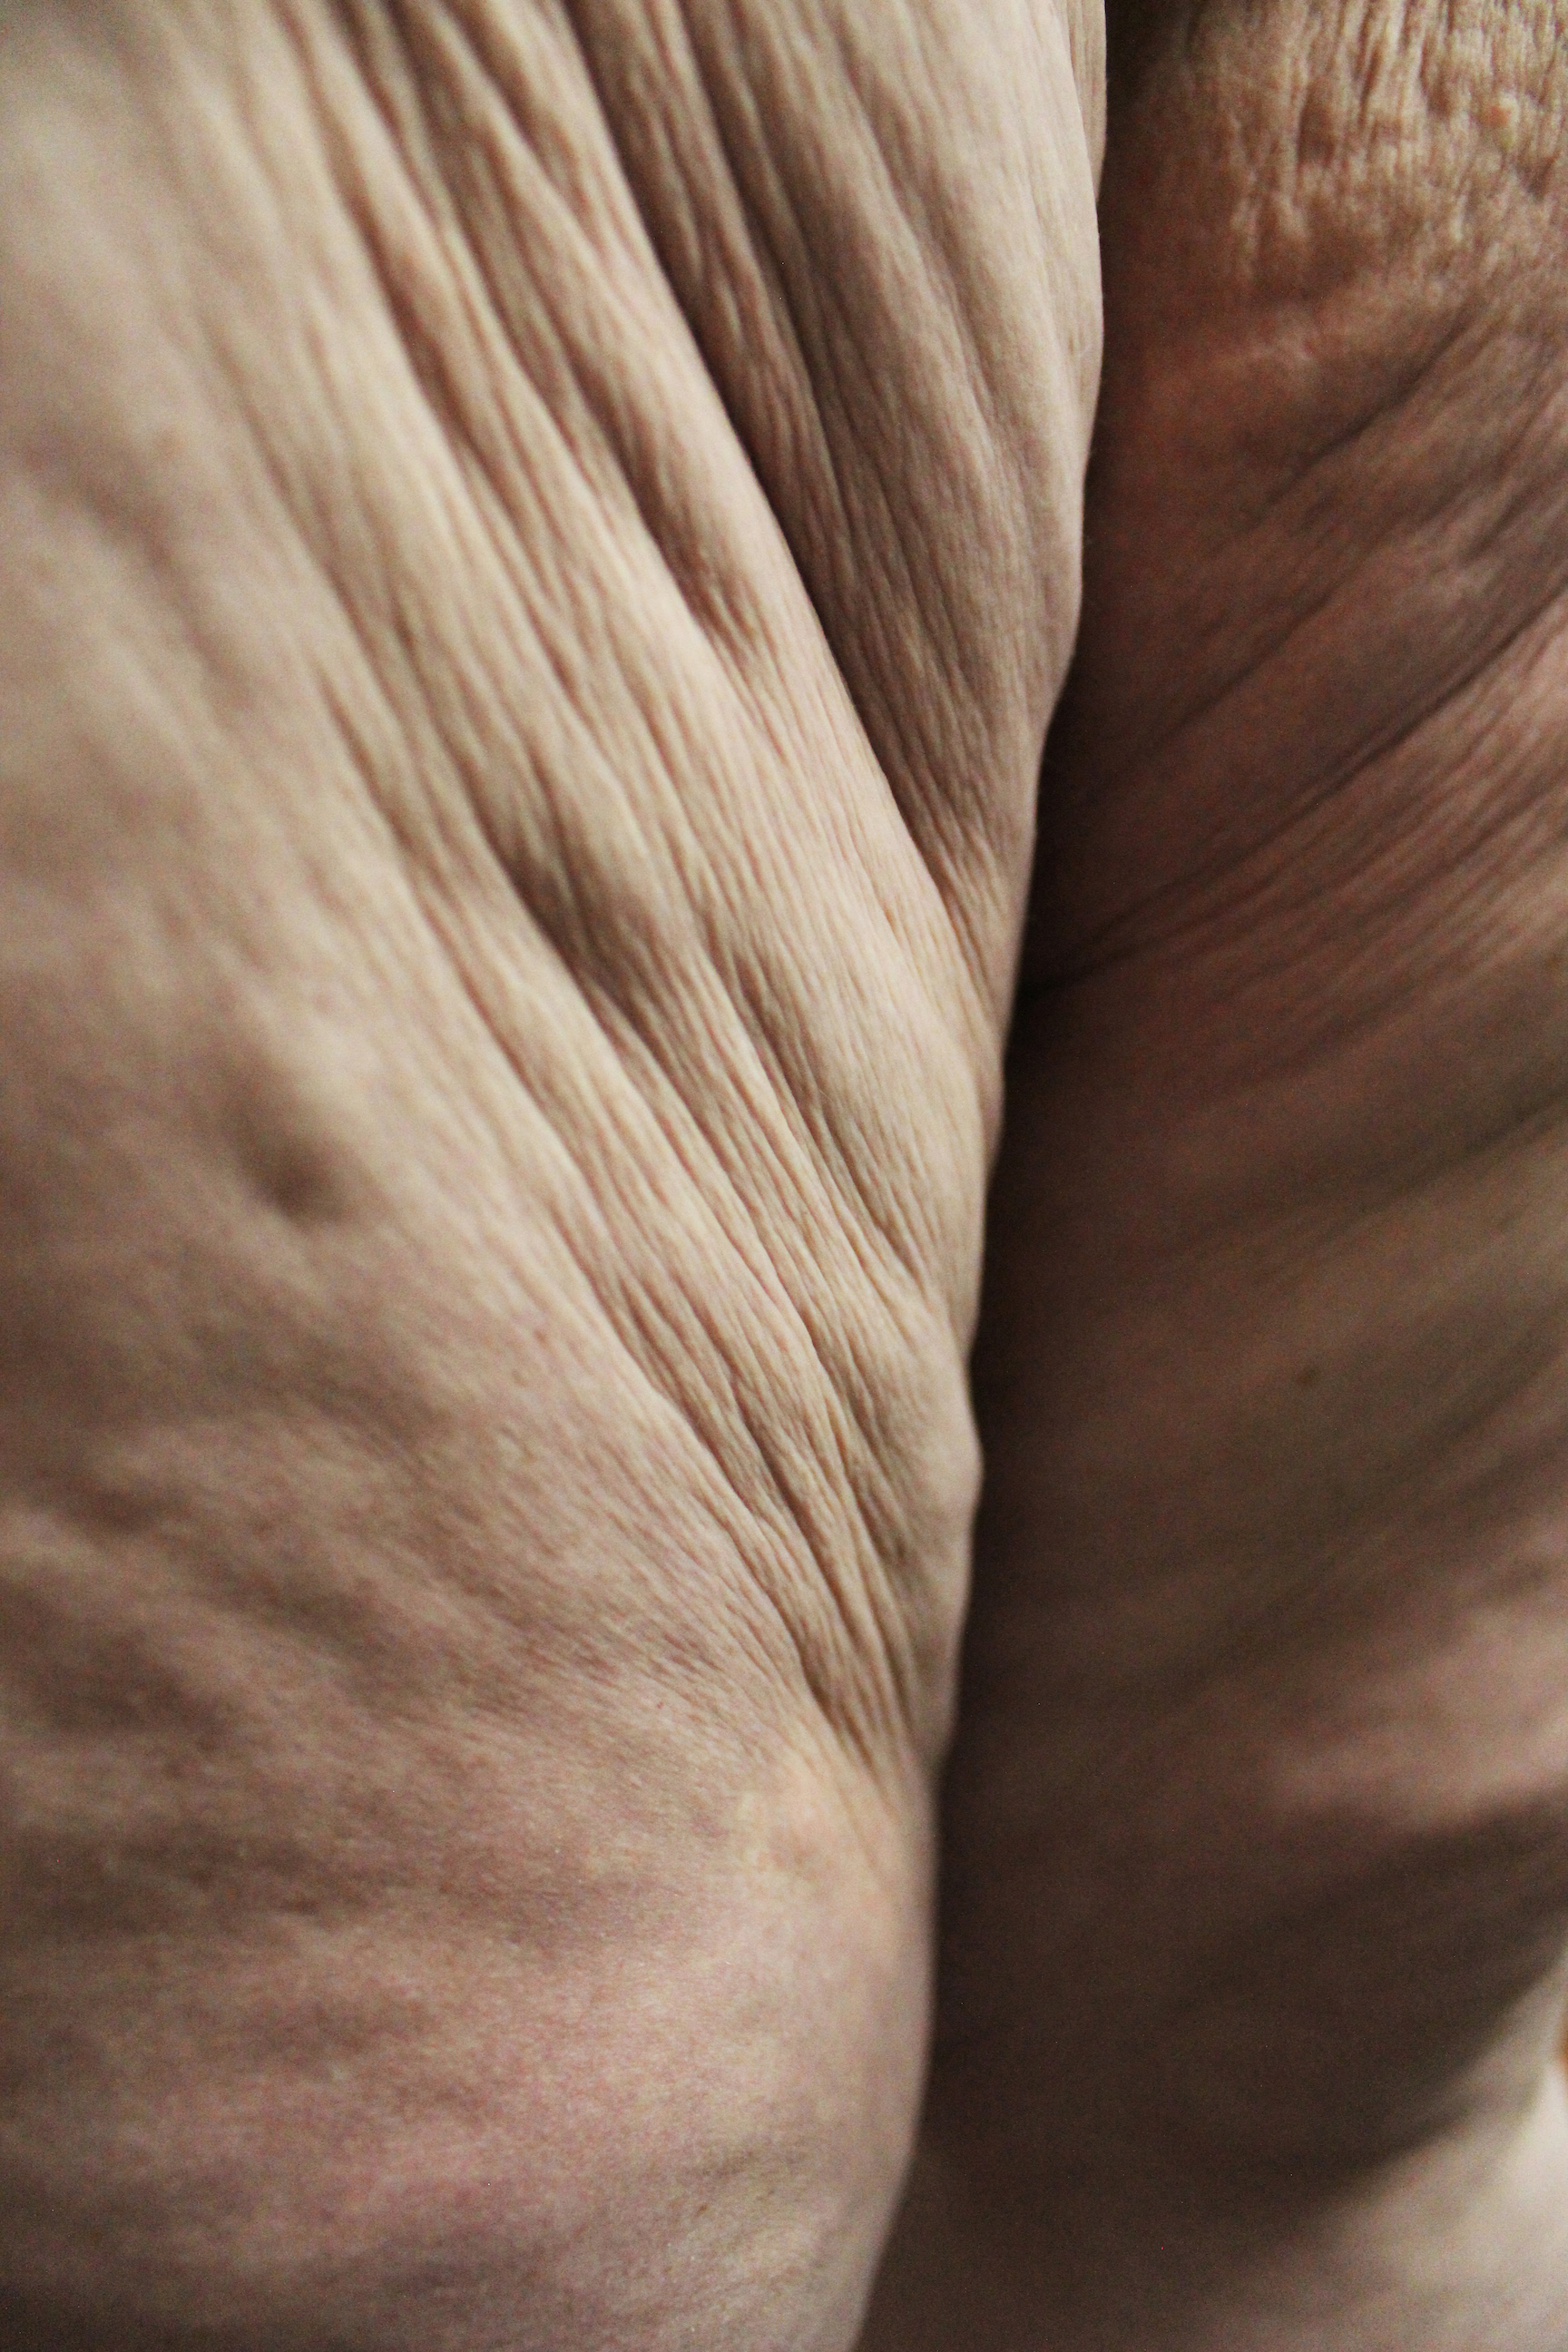 Laura Nash,Body Landscape 6,2017,Photograph